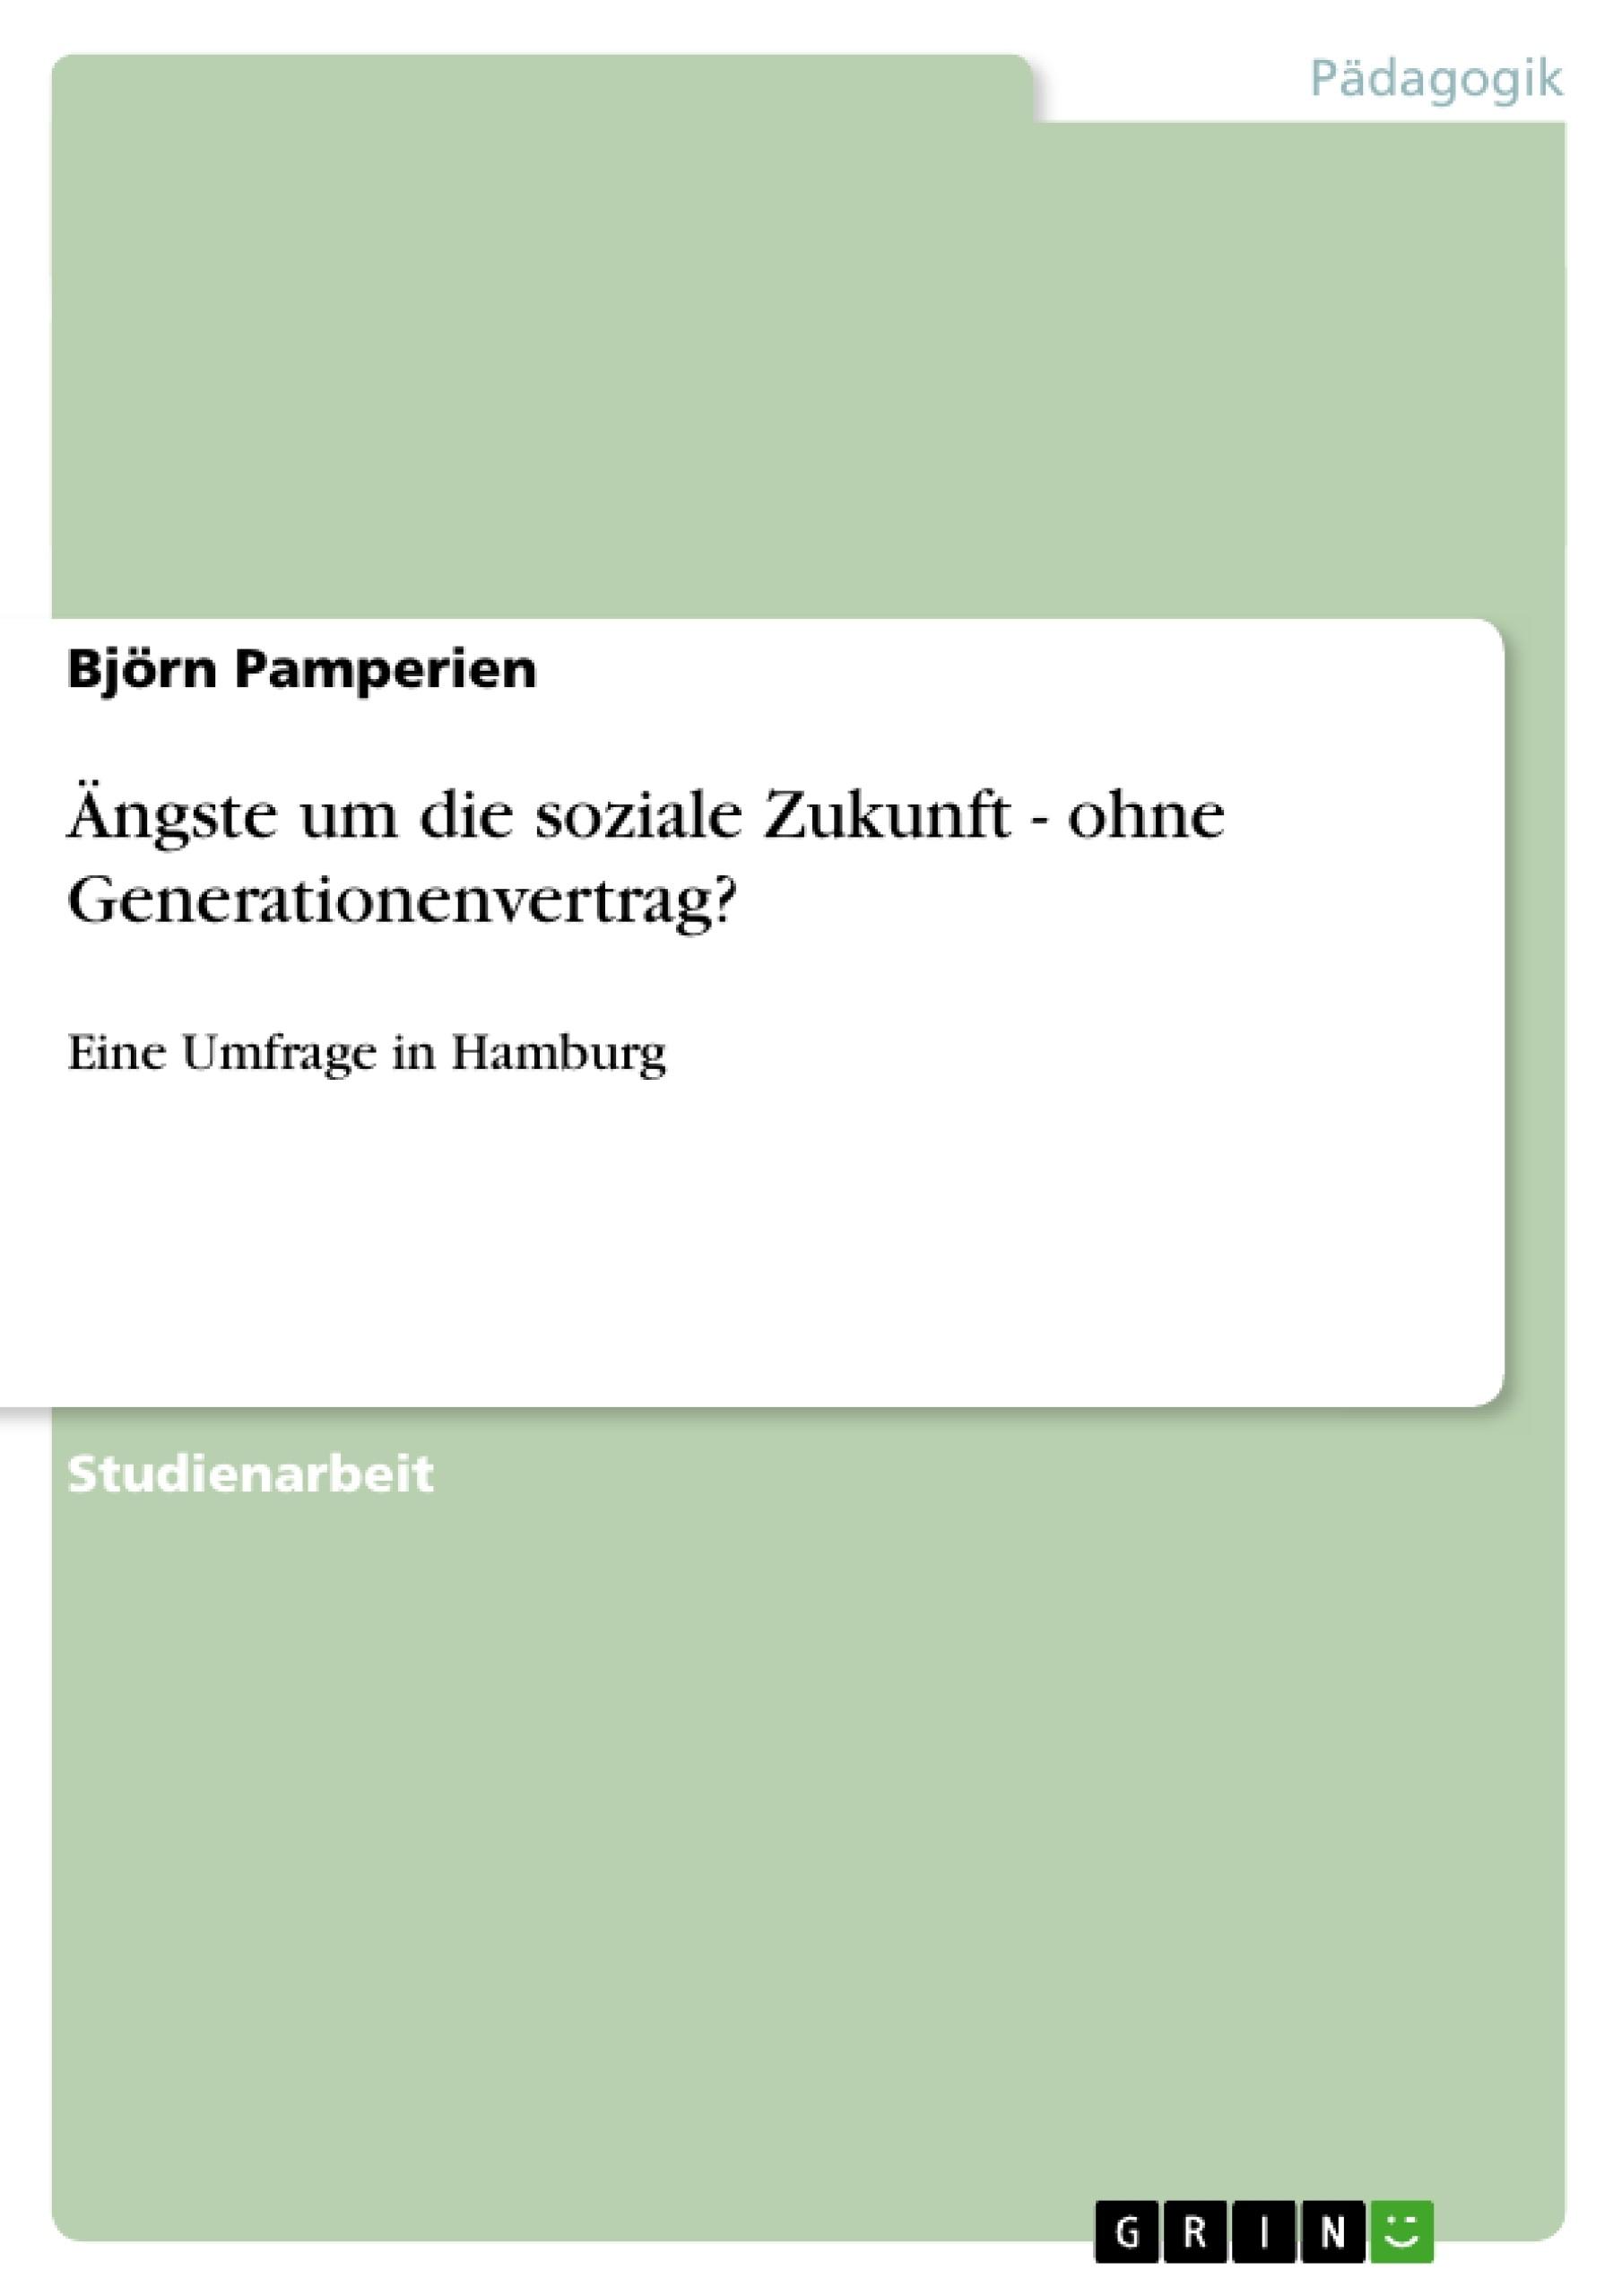 Titel: Ängste um die soziale Zukunft  - ohne Generationenvertrag?